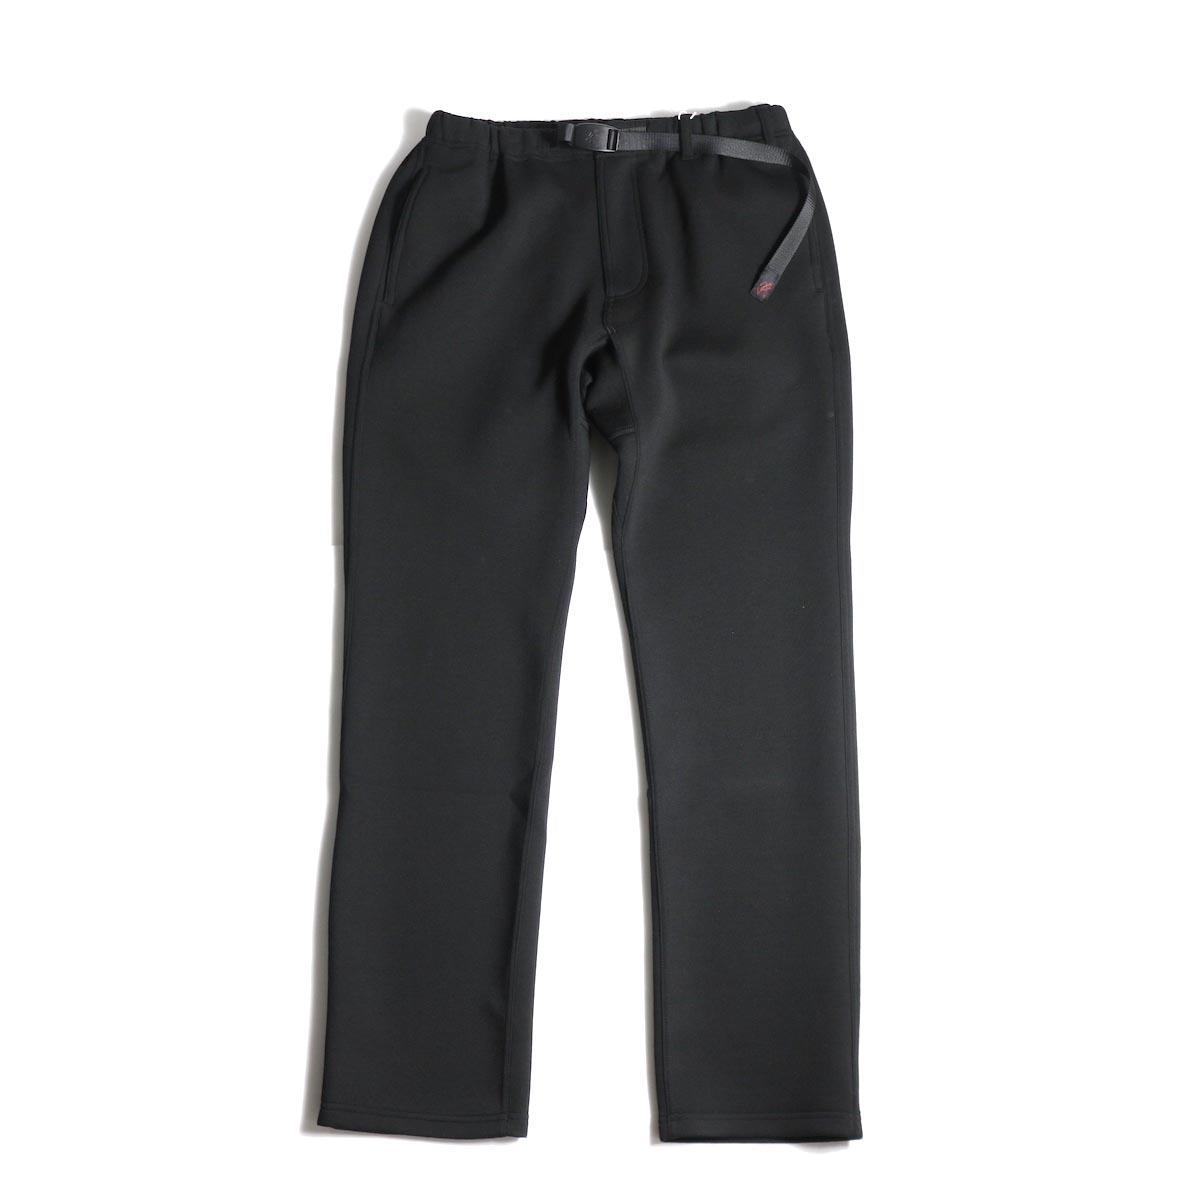 GRAMICCI / COOLMAX Knit NN-Pants (Black)